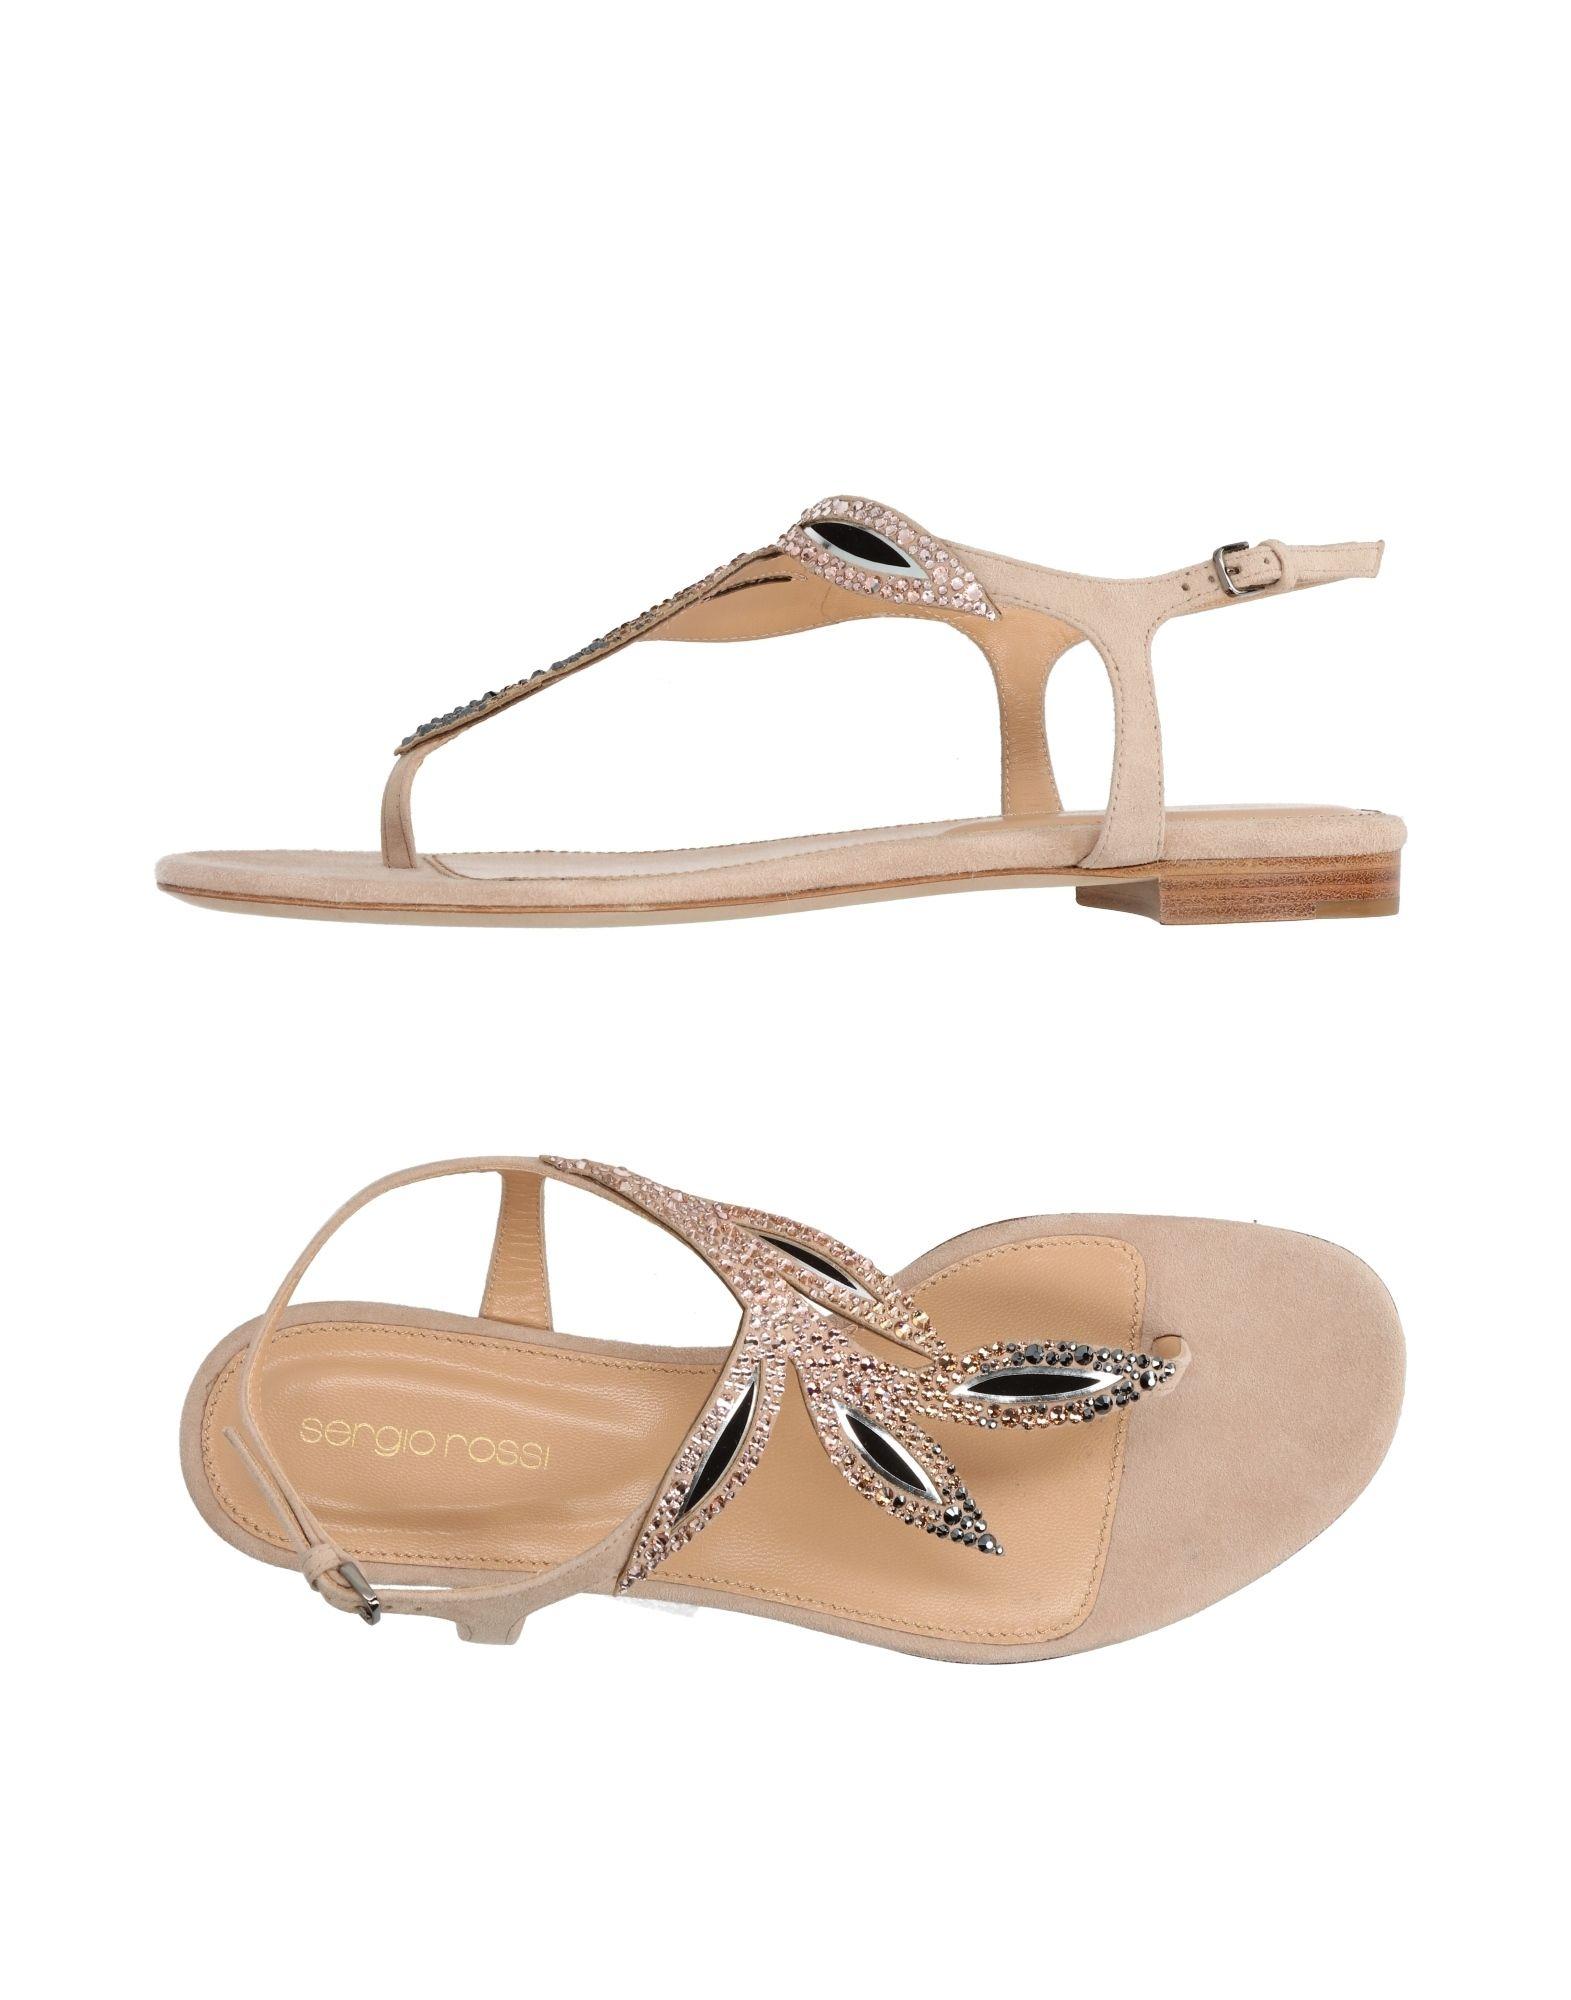 Sergio 11287993QDGünstige Rossi Dianetten Damen  11287993QDGünstige Sergio gut aussehende Schuhe 811bdc